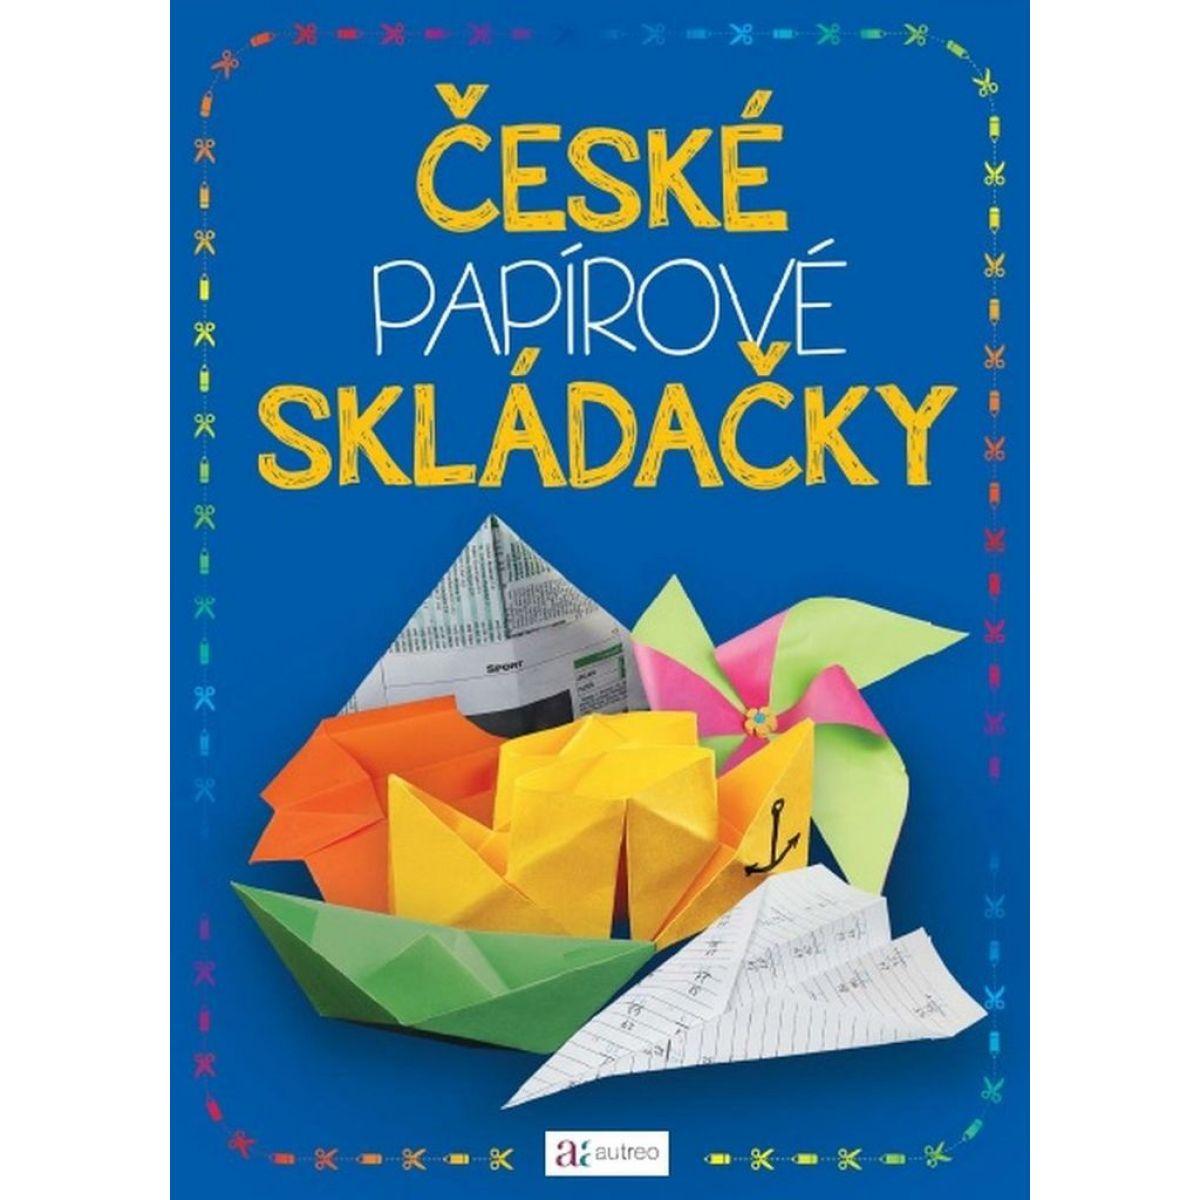 České papierové skladačky